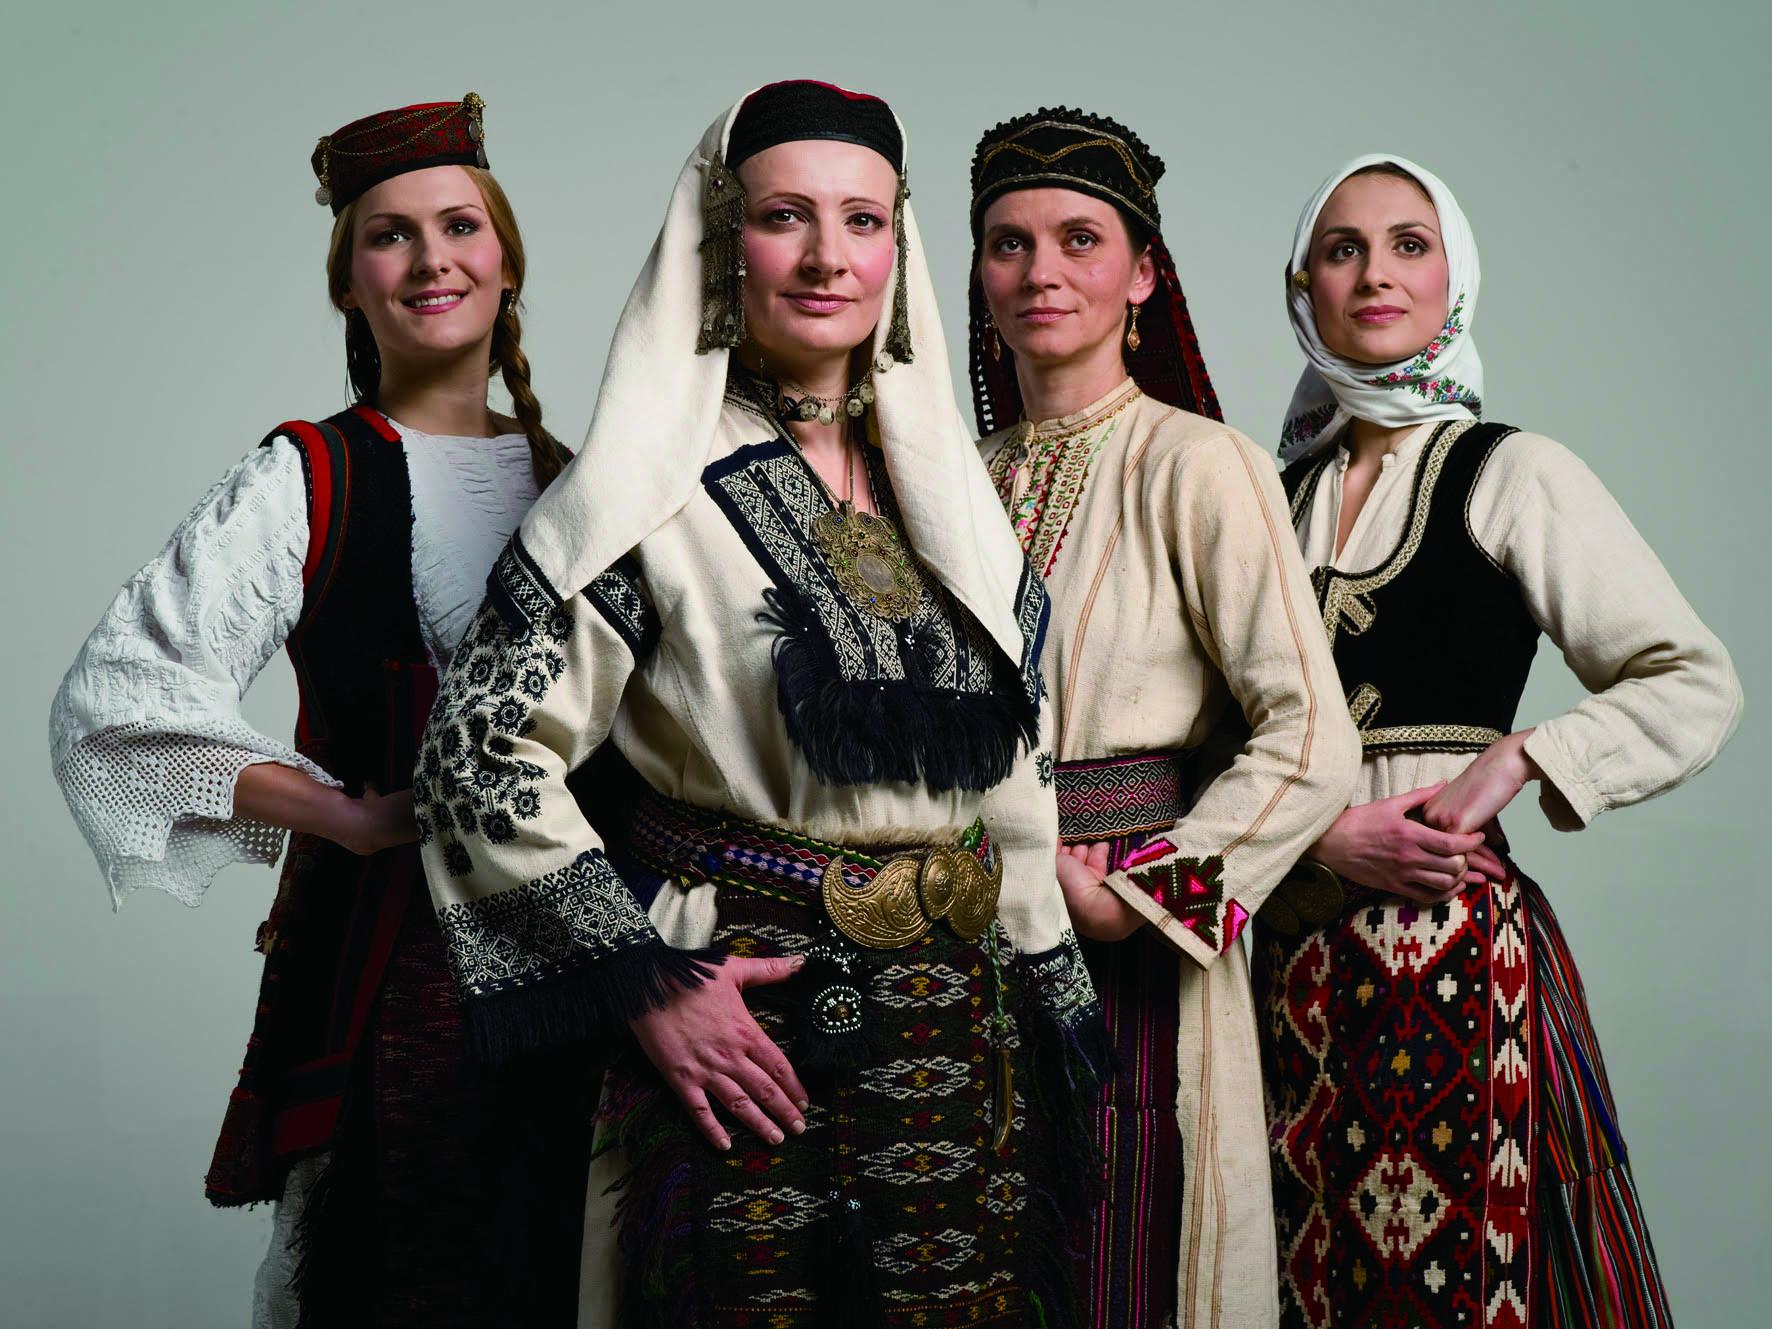 圖4來自塞爾維亞的斯巴耶齊重唱團(Svetlana Spajić Group, Serbia),以嘹亮高亢、中氣十足的吆喝嗓音,可以聲傳數公里,近乎炫技的複音歌唱風格相當特別。.jpg